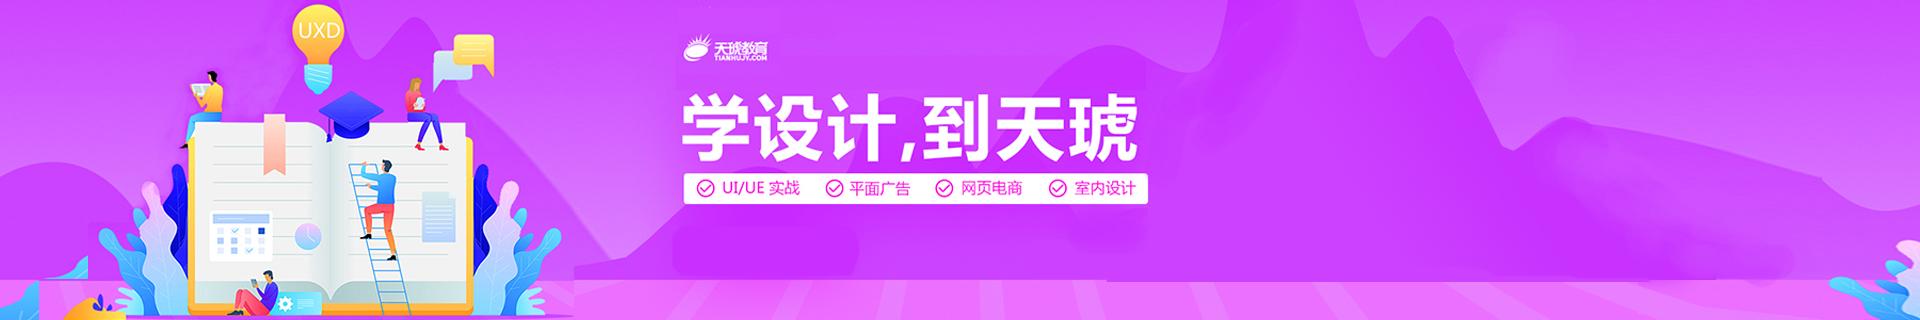 宁波天琥教育培训机构